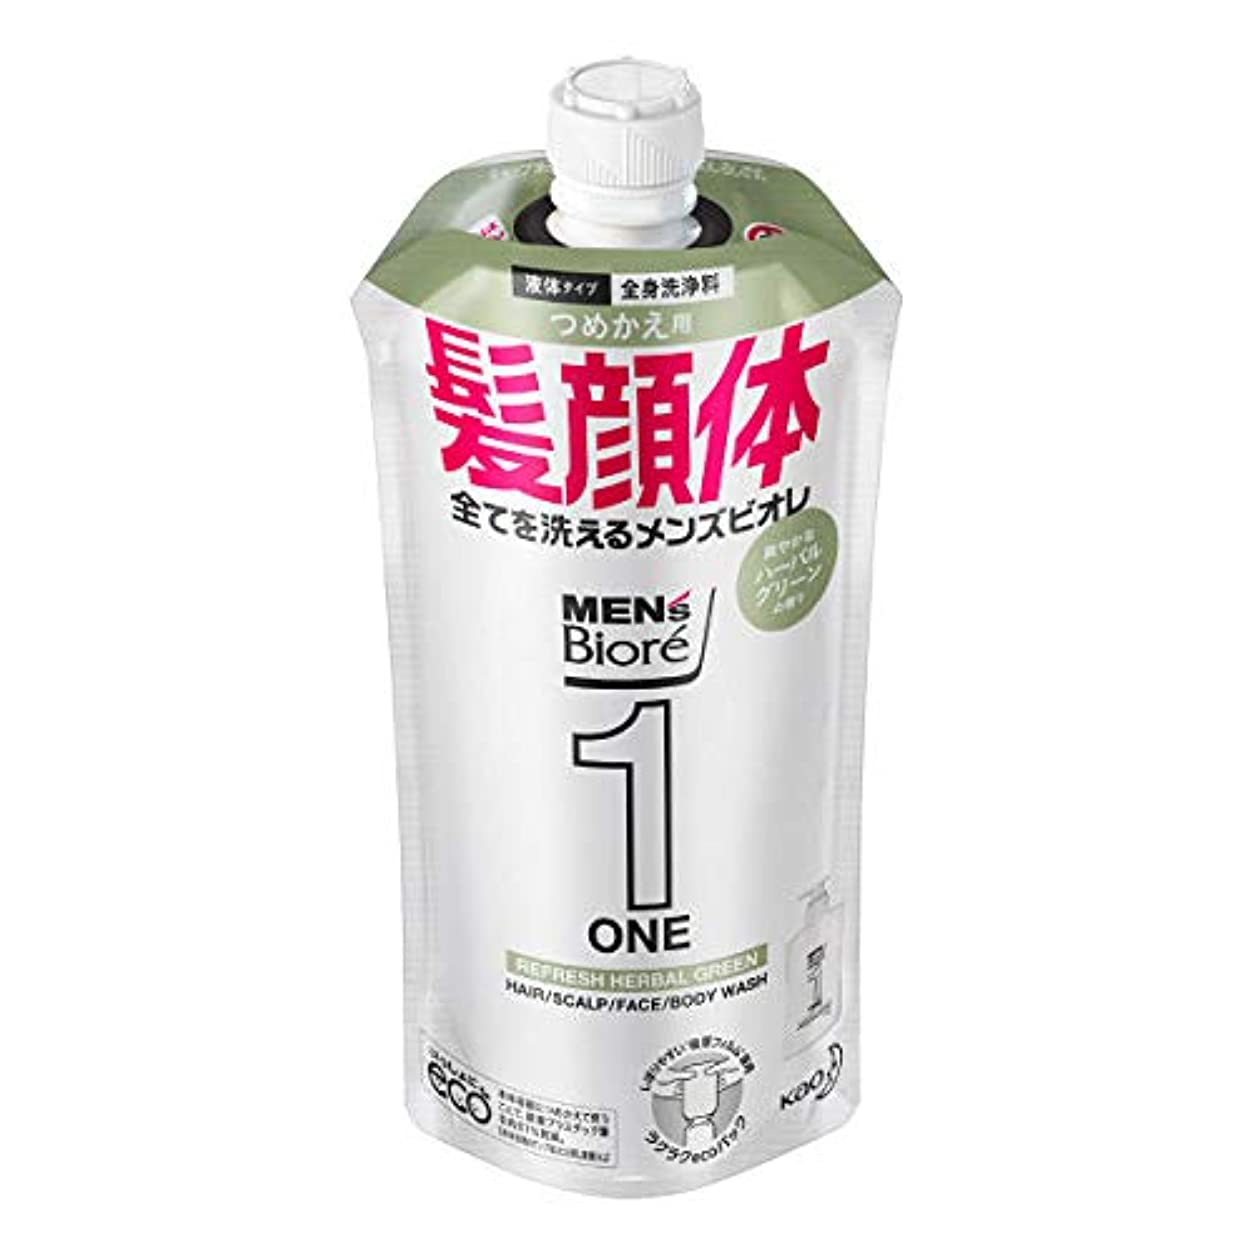 動作メタリック品メンズビオレONE オールインワン全身洗浄料 爽やかなハーブルグリーンの香り つめかえ用 340mL